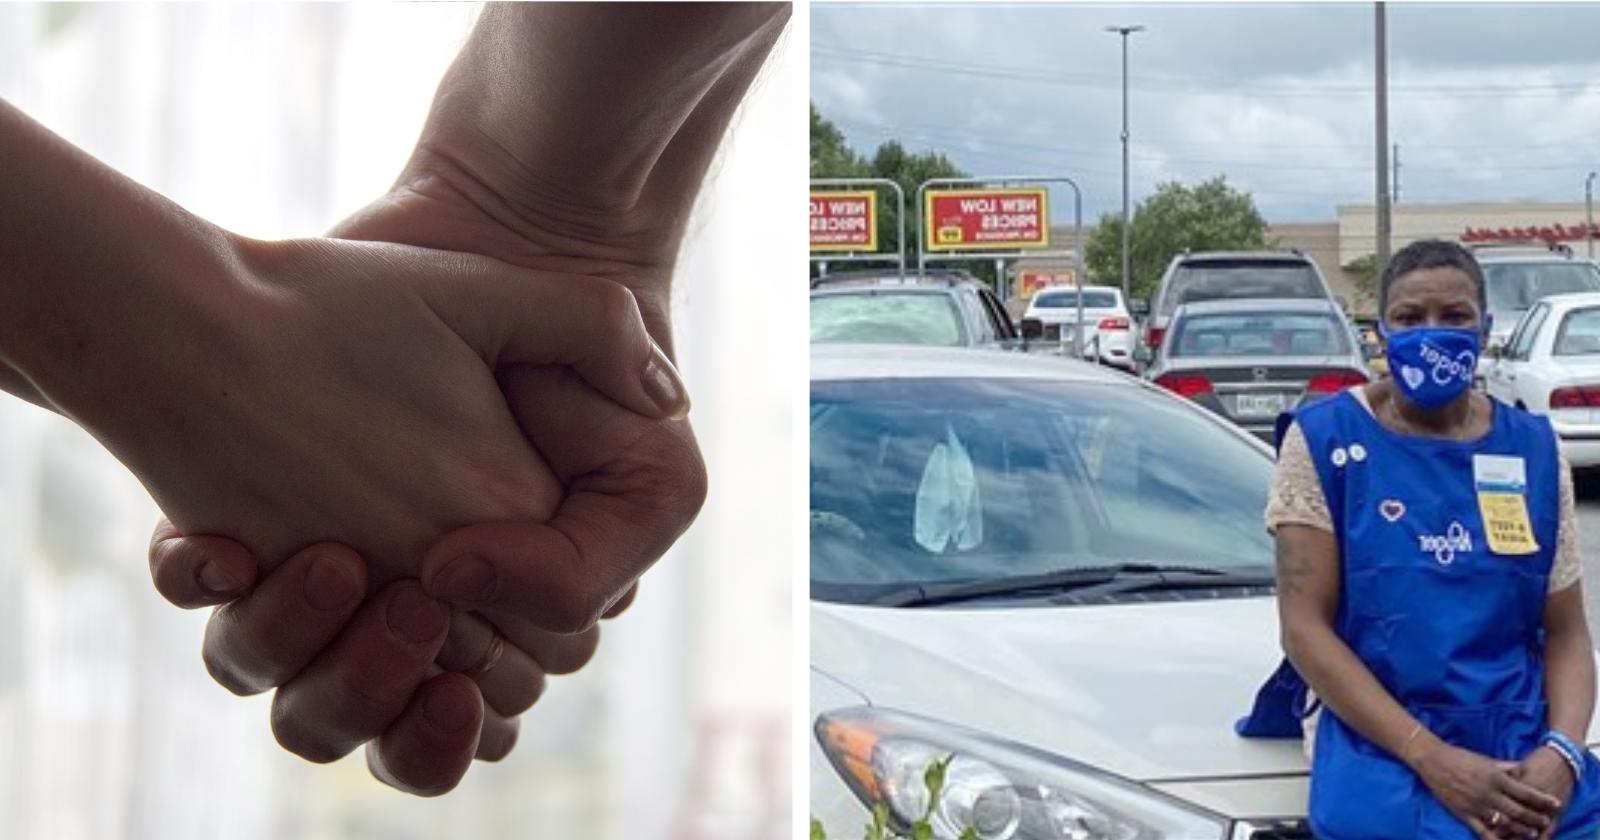 mulher-sem-teto-que-morava-em-estacionamento-de-supermercado-recebe-surpresa-de-estabelecimento-e-tem-sua-vida-transformada